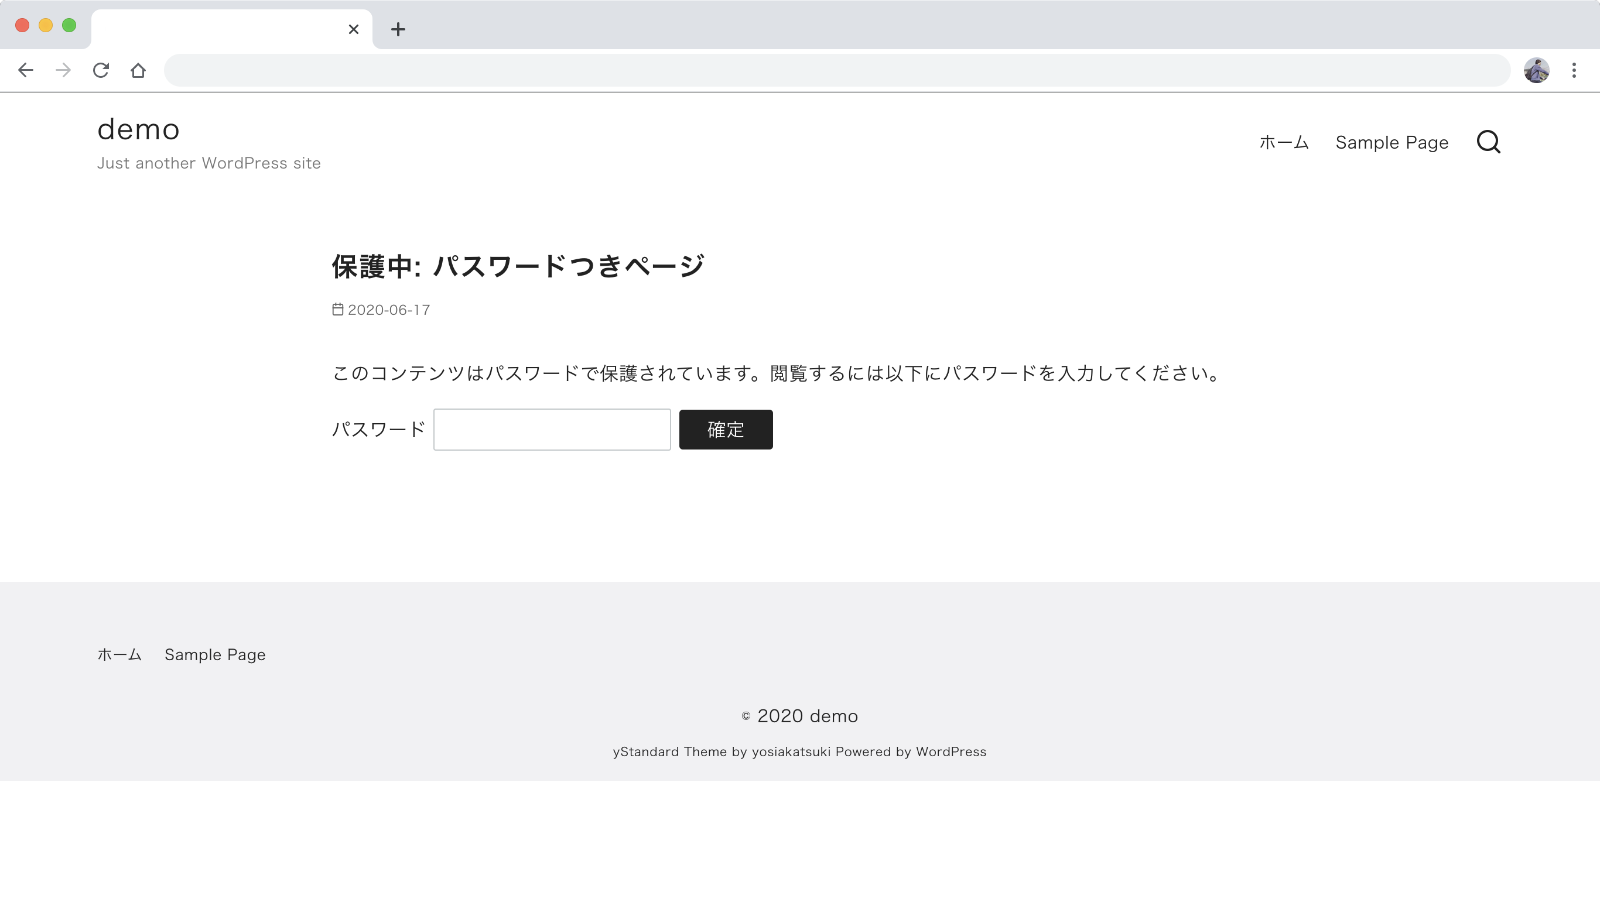 パスワード保護されたページの見え方:パスワード入力前